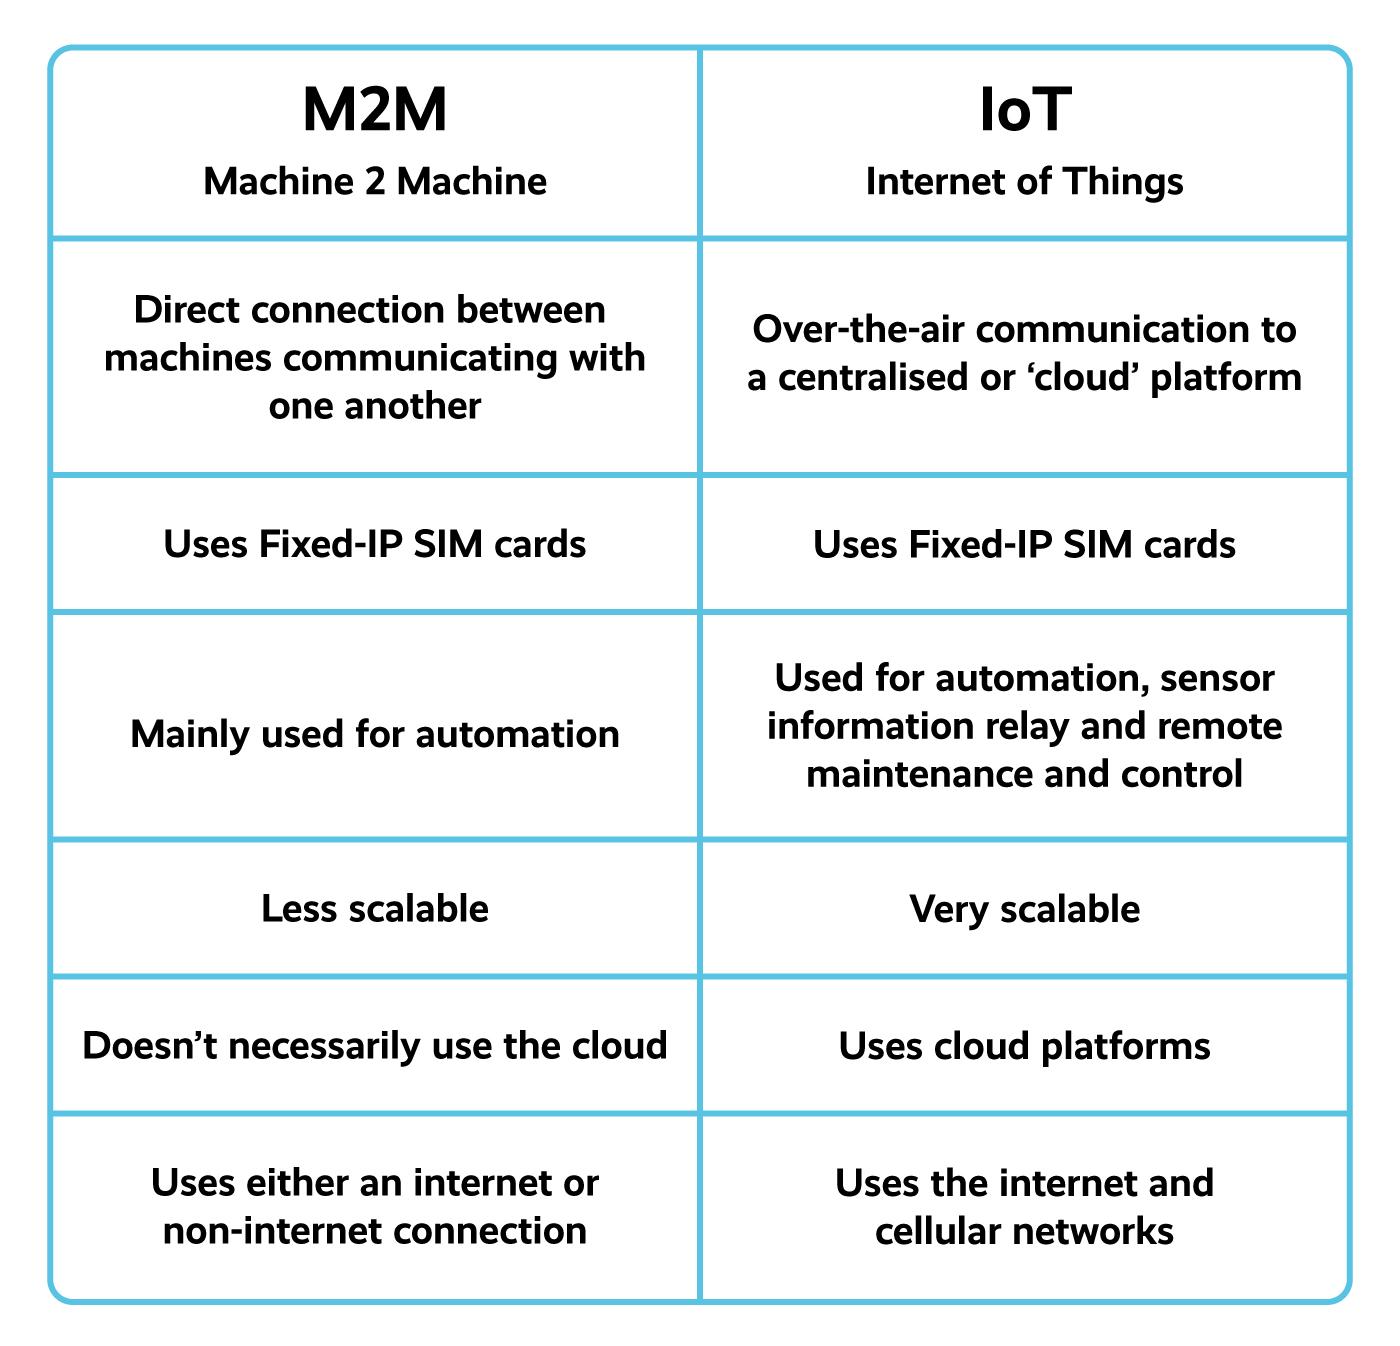 M2M vs IoT Comparison